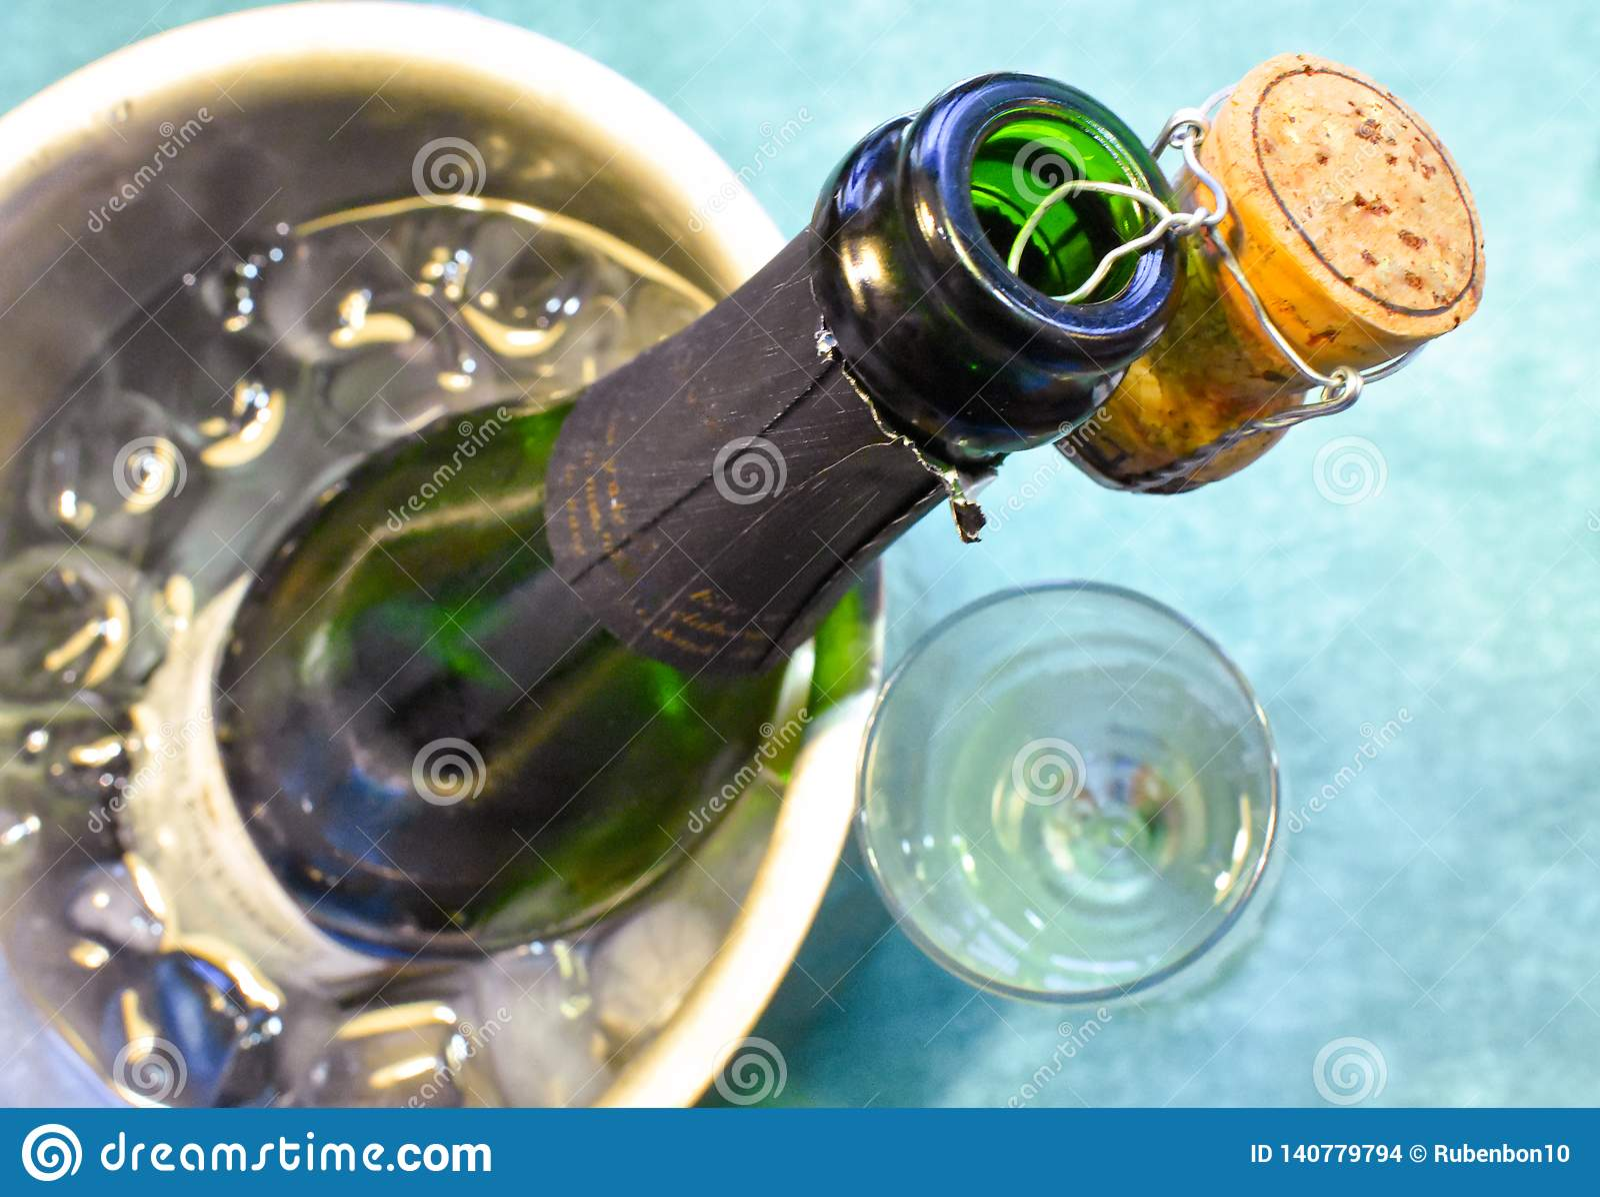 Une bouteille de champagne dans un seau froid avec de l eau la glace et, la participation de liège de la bouche décorant la scène